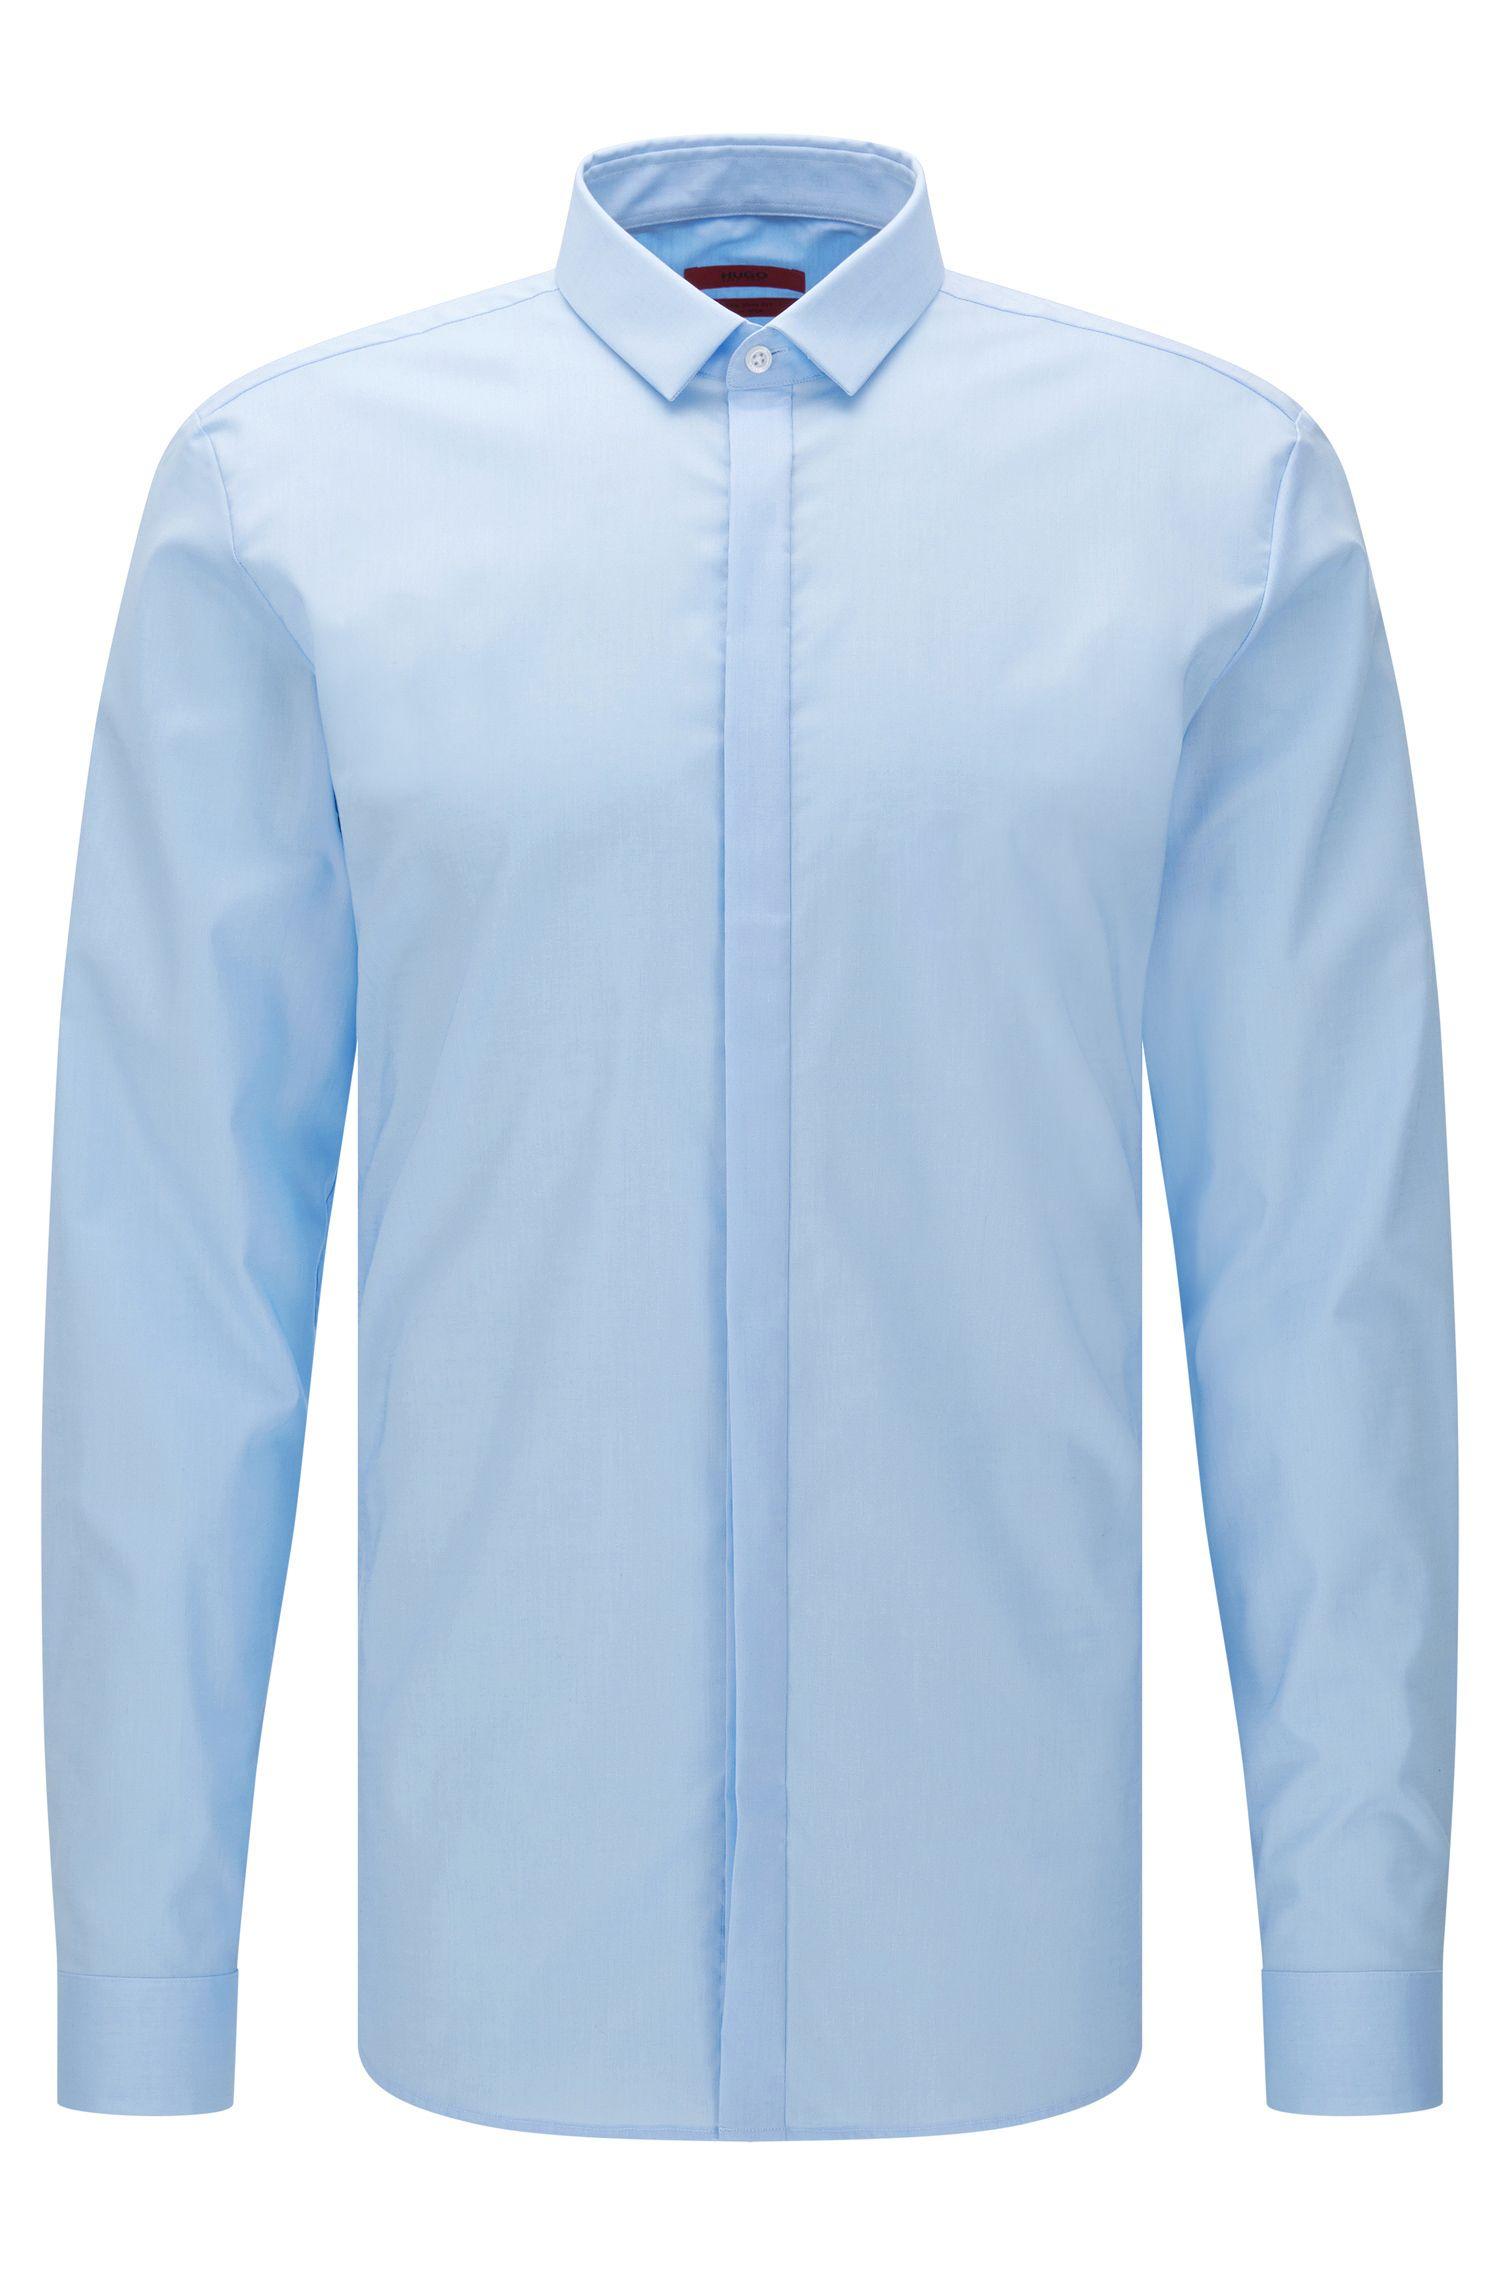 Camicia extra slim fit in cotone facile da stirare con allacciatura a bottoni nascosta: 'Ebros'